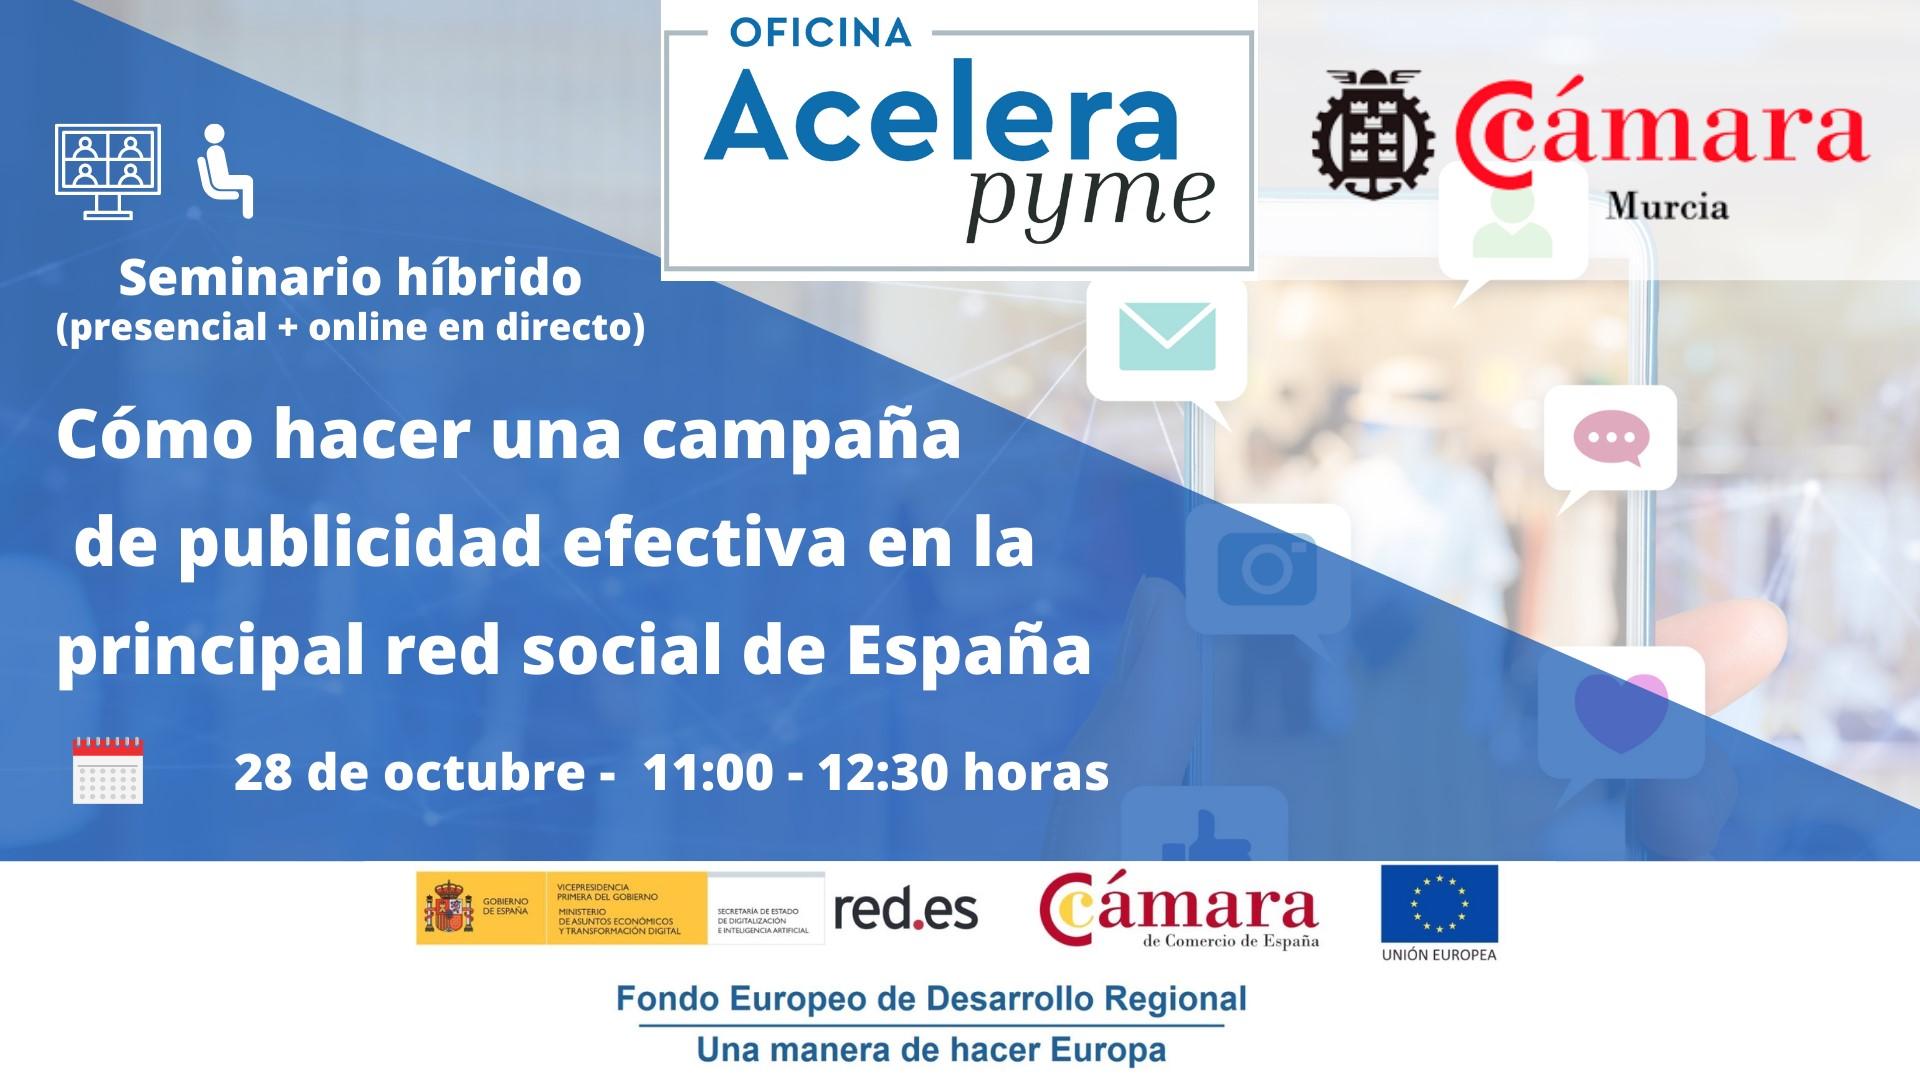 Seminario híbrido: Cómo hacer una campaña de publicidad efectiva en la principal red social de España - Presencial y/o online en directo -